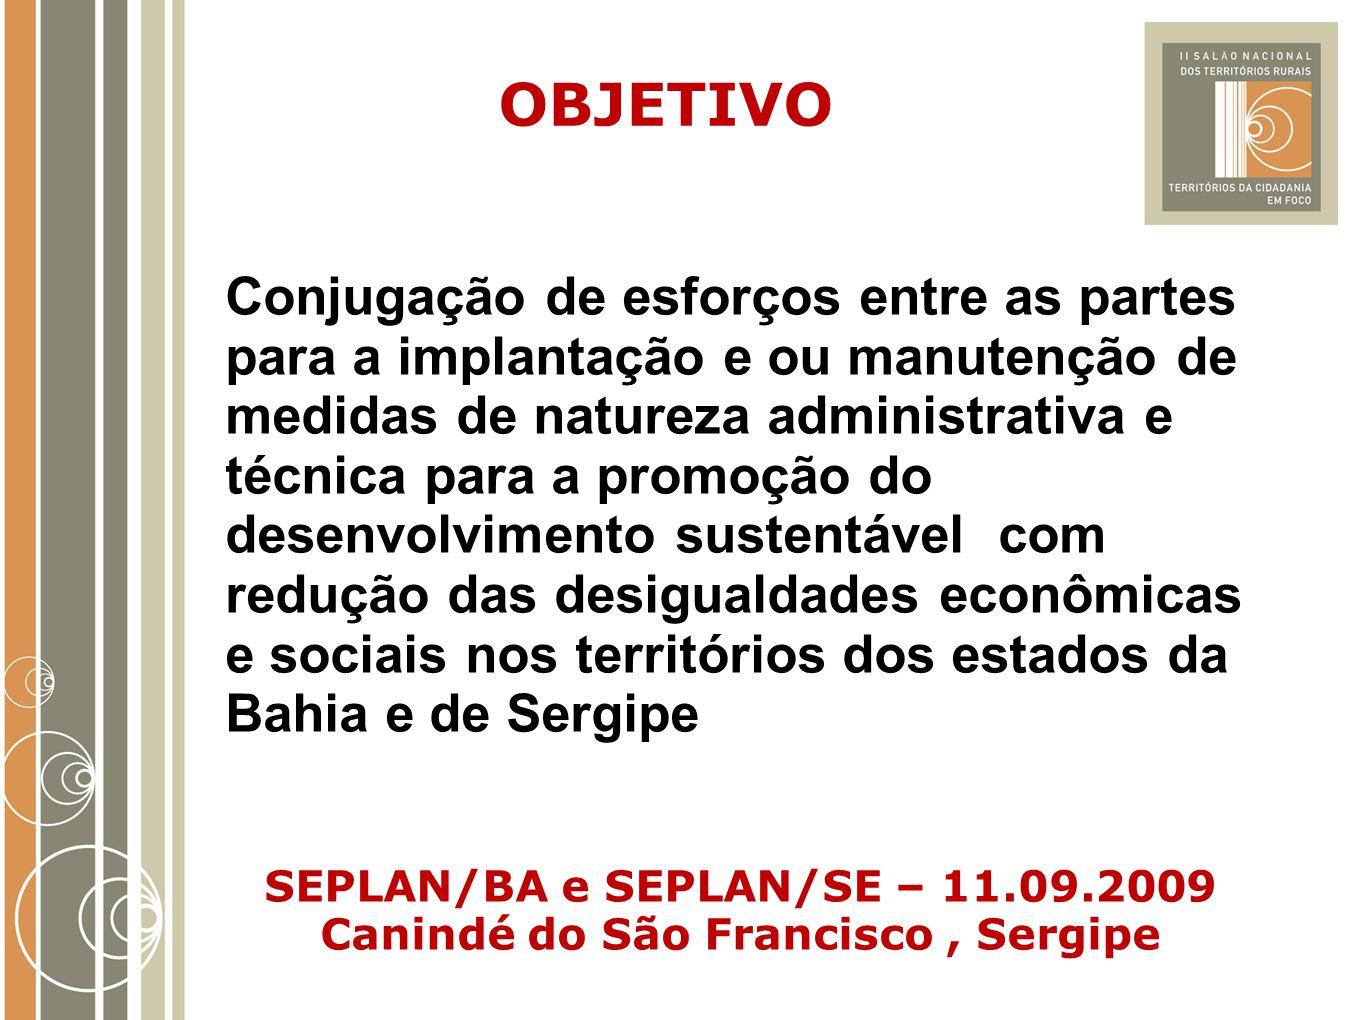 SEPLAN/BA e SEPLAN/SE – 11.09.2009 Canindé do São Francisco , Sergipe